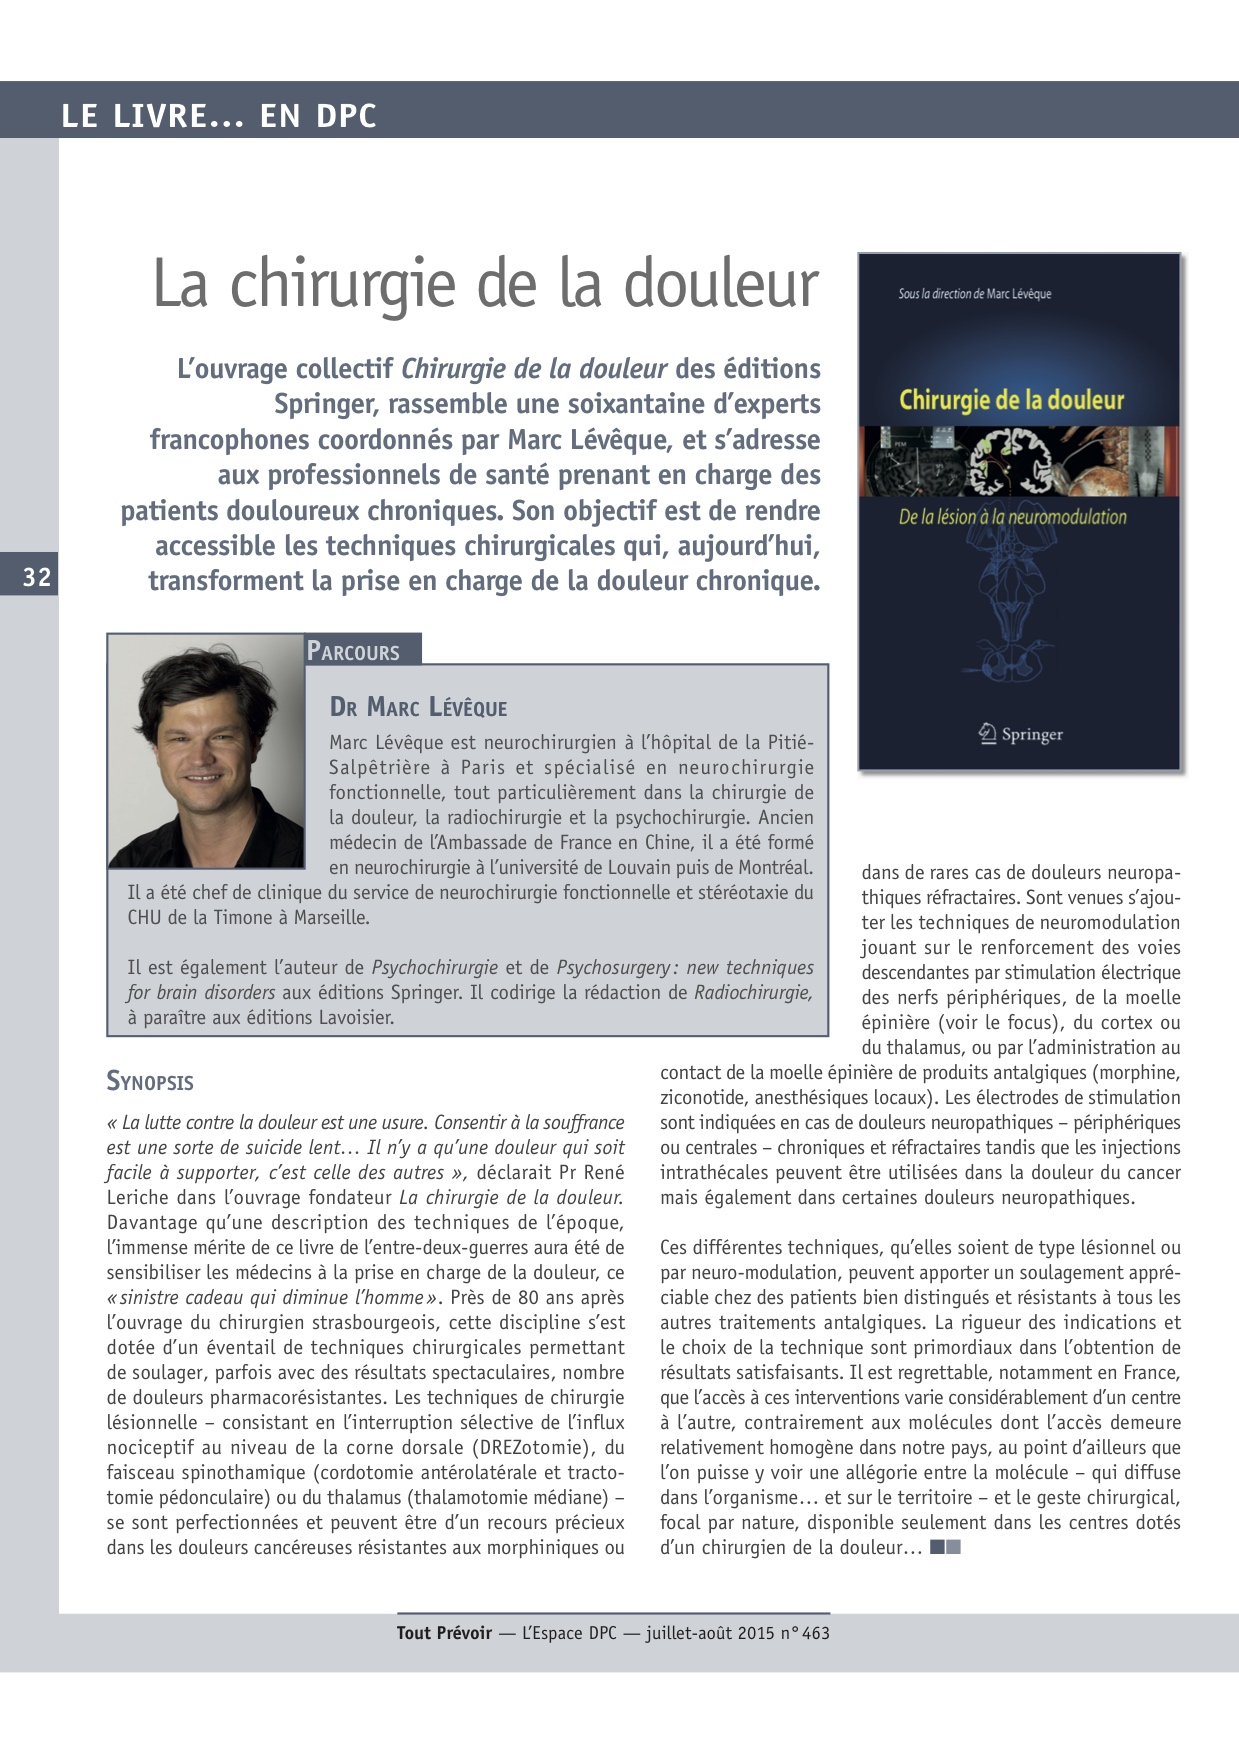 Magazine Tout Prévoir - La chirurgie de la douleur - 01/07/15